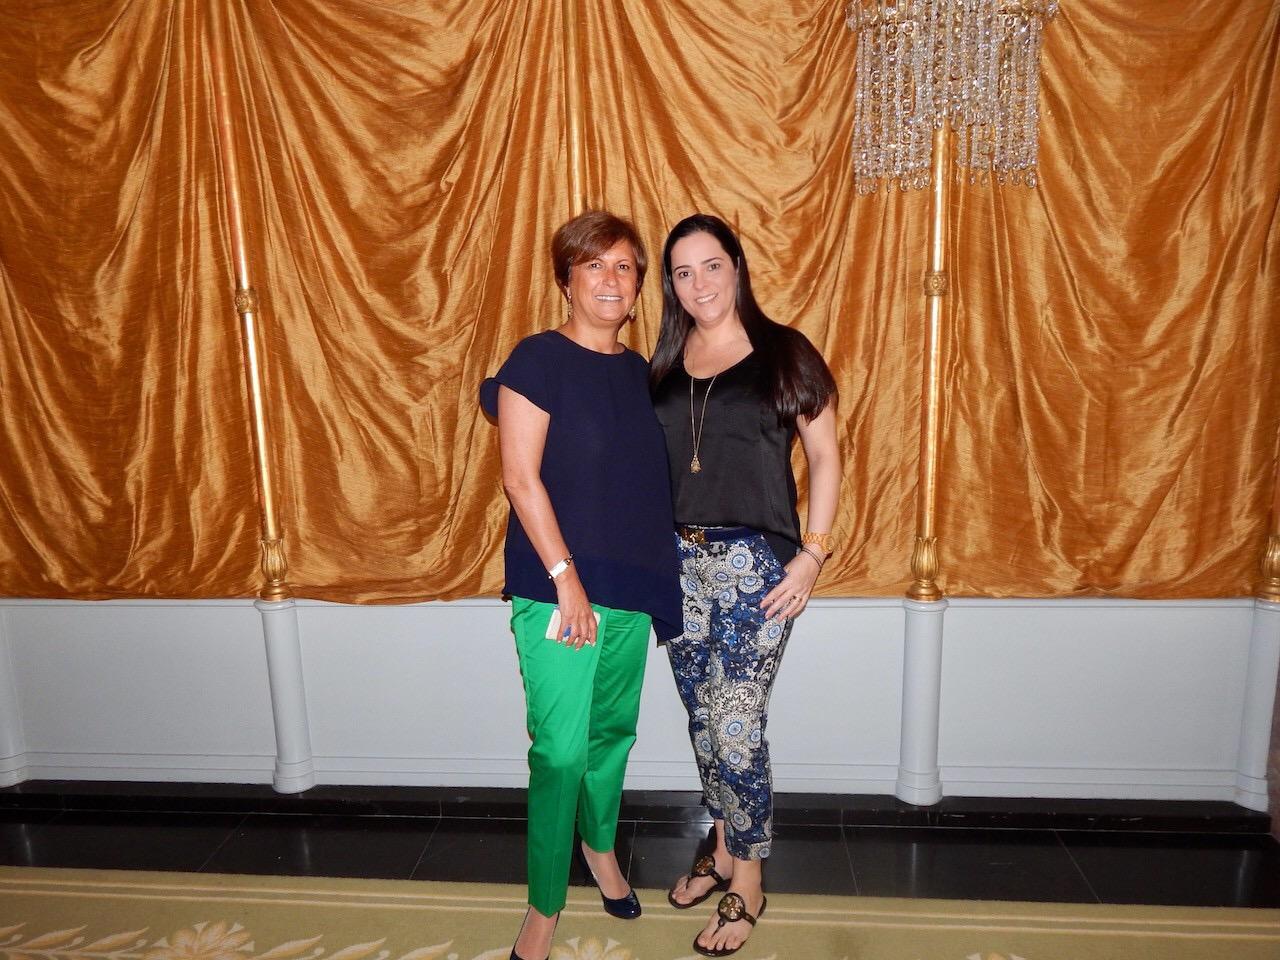 Não poderia deixar de agradecer a querida Conceição, diretora do hotel, que me recebeu amavelmente, e me acompanhou na visita técnica pelo hotel